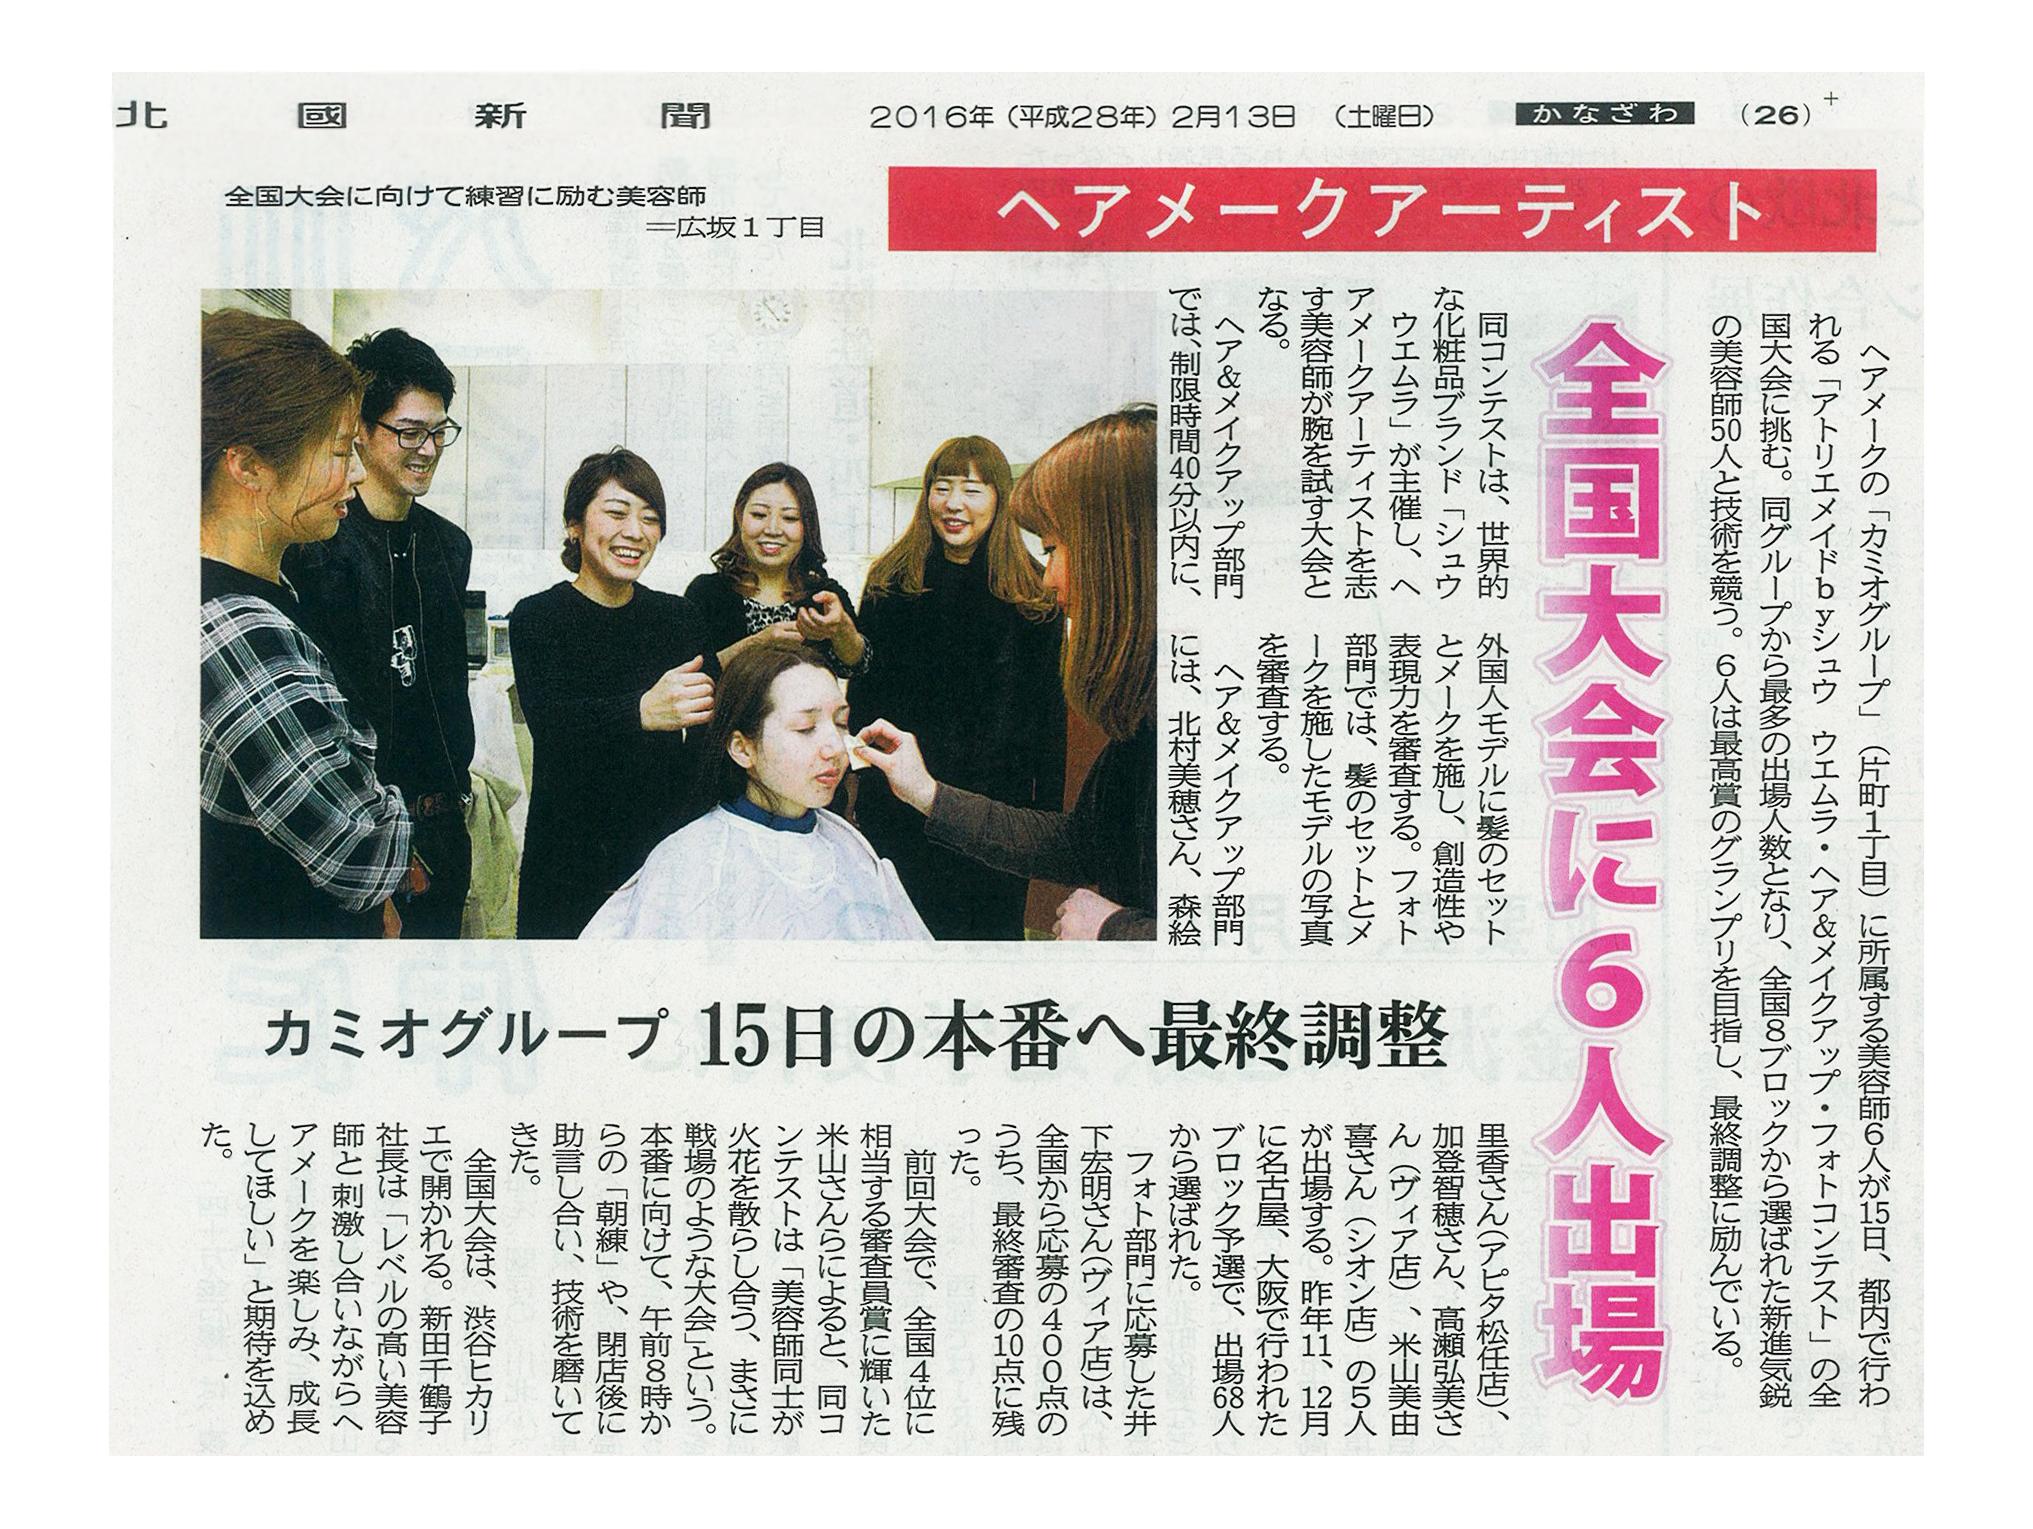 北國新聞に取材記事が掲載されました!